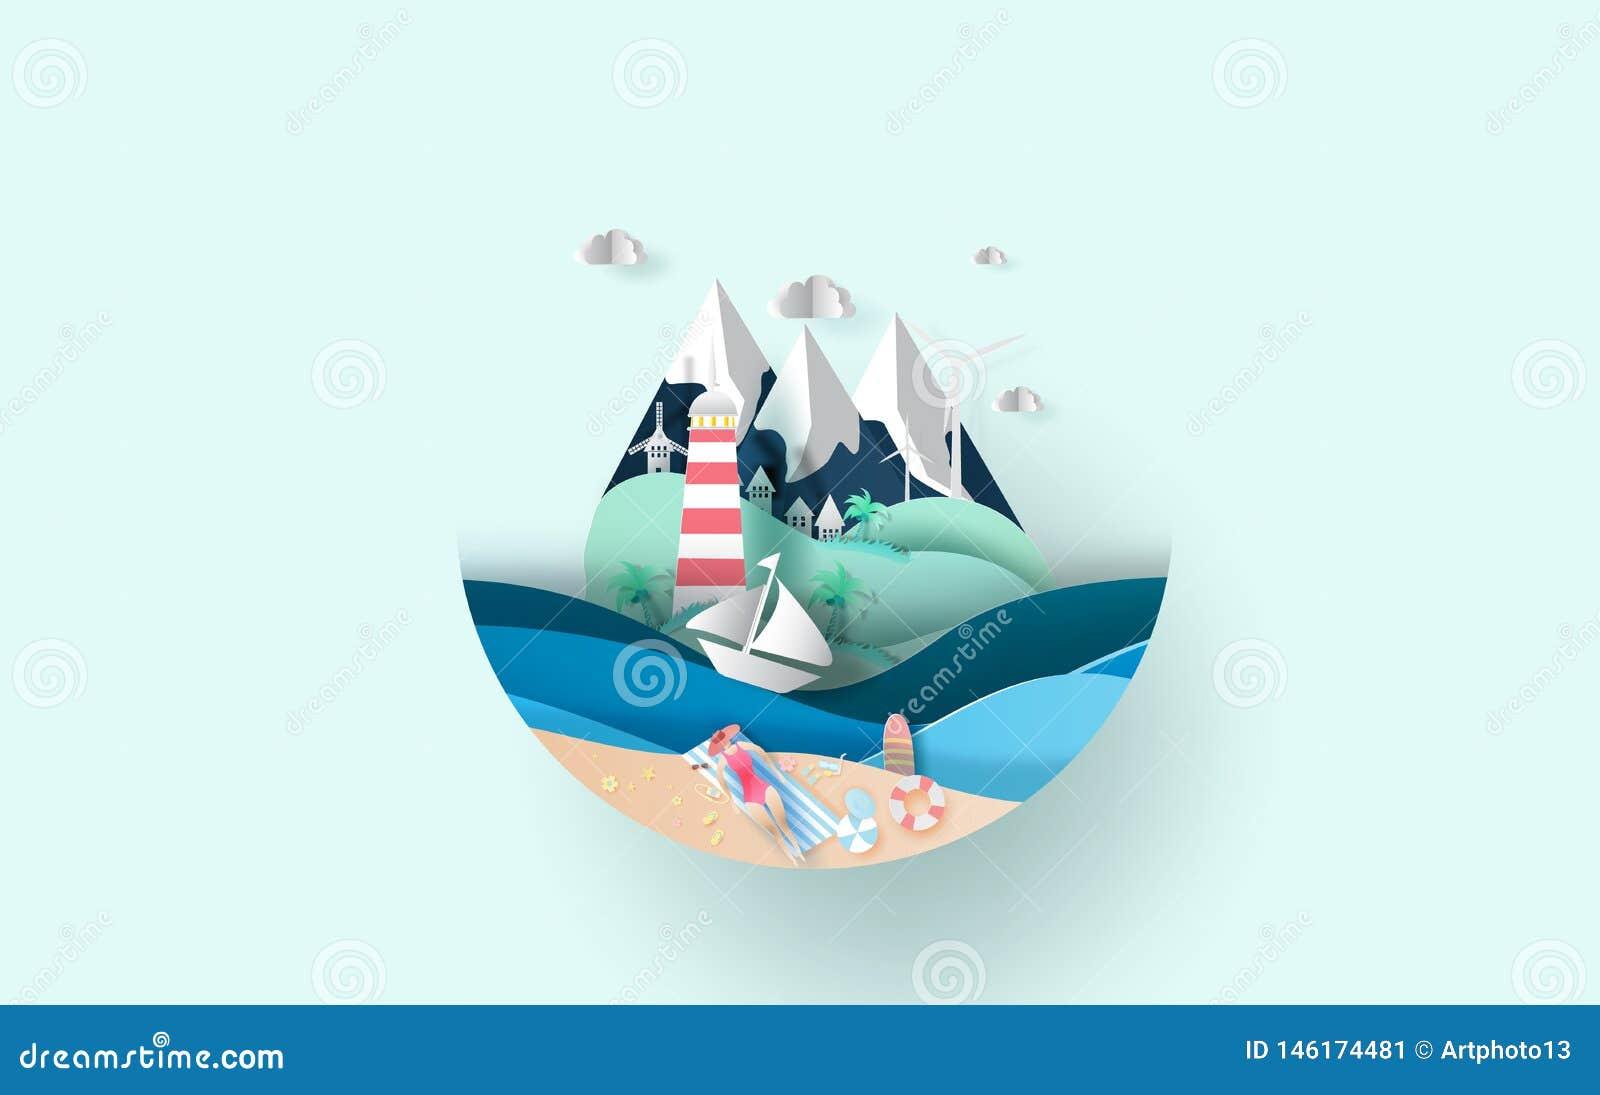 Illustrazione del viaggio nel concetto del cerchio di stagione estiva di vacanza di festa, donna creativa di signora di estate ch